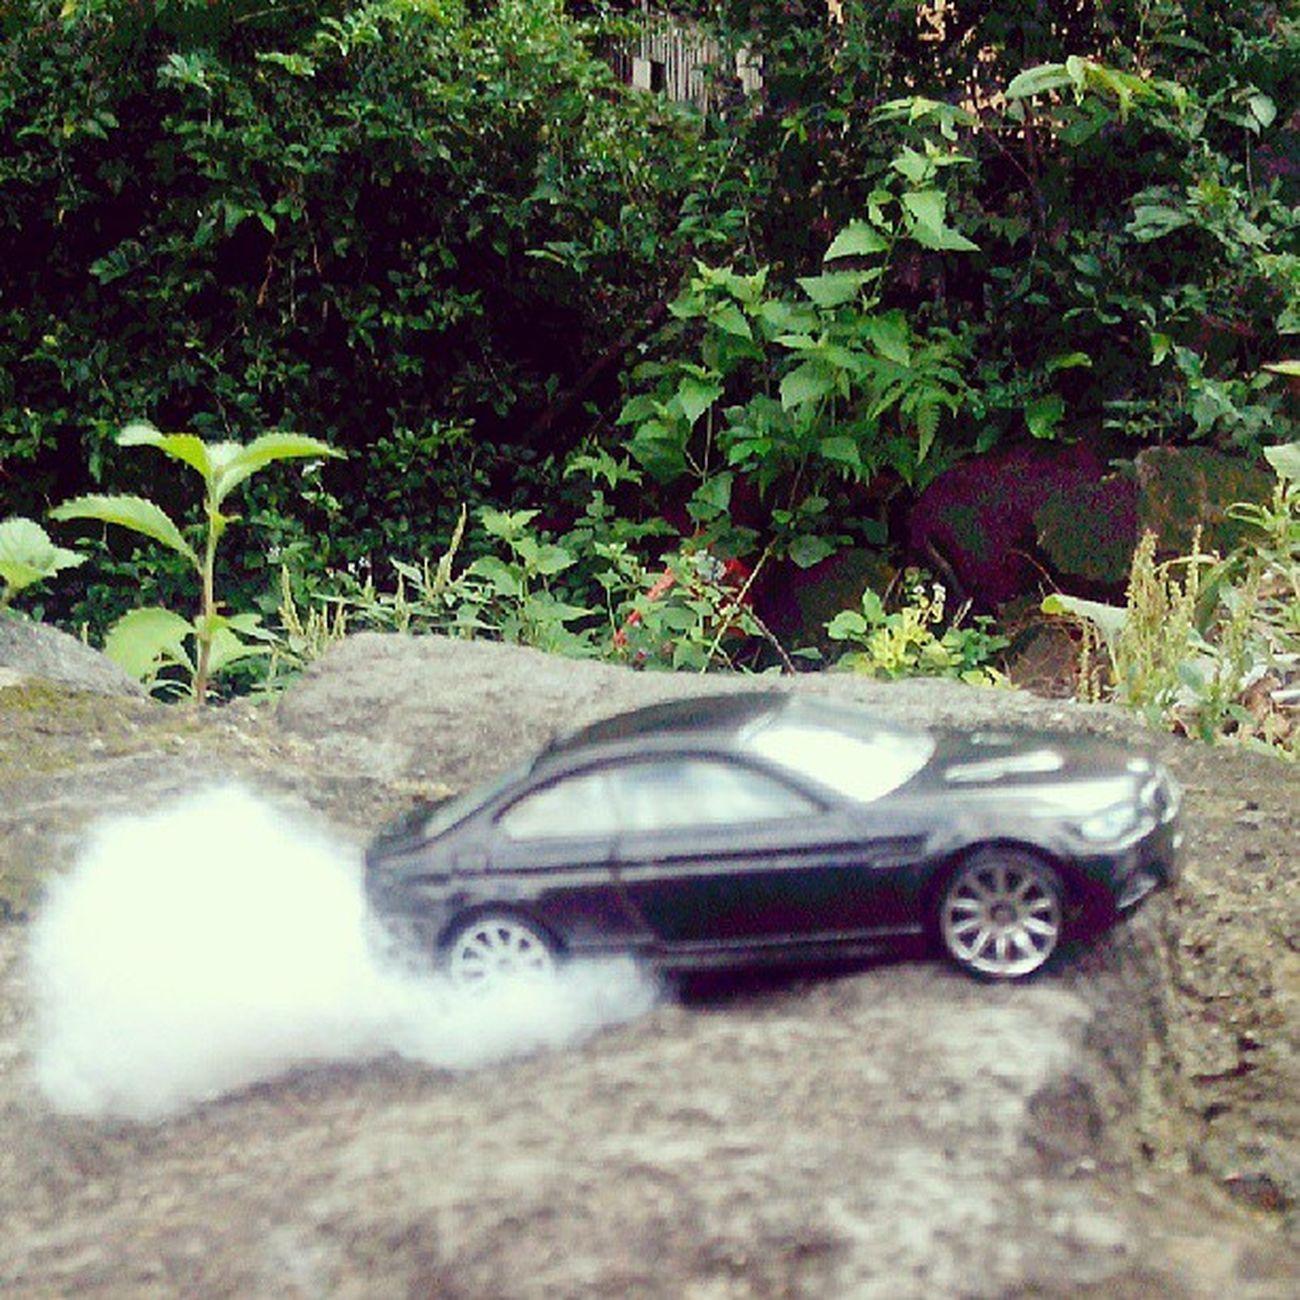 BMW M3 HotWheels Hotwheelsrace Race Toyscar instanesia instamoment instamood instagood picoftheday photooftheday